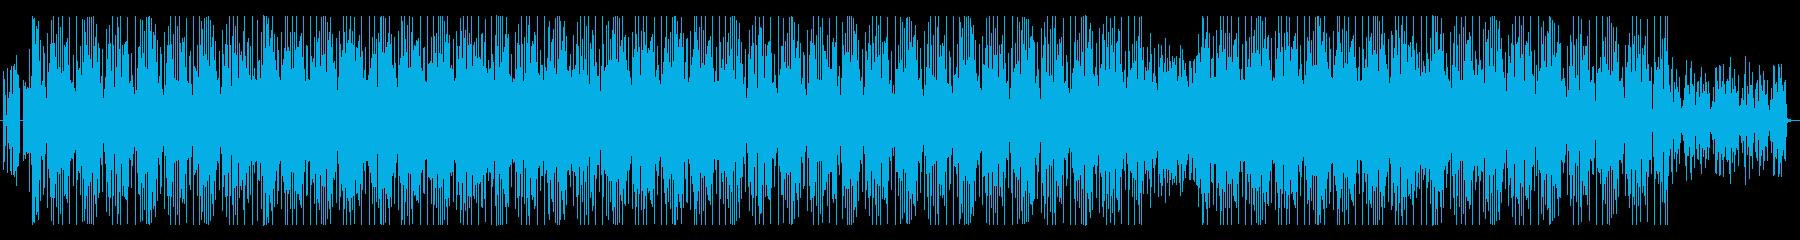 ストリングスメイン大人なディスコファンクの再生済みの波形